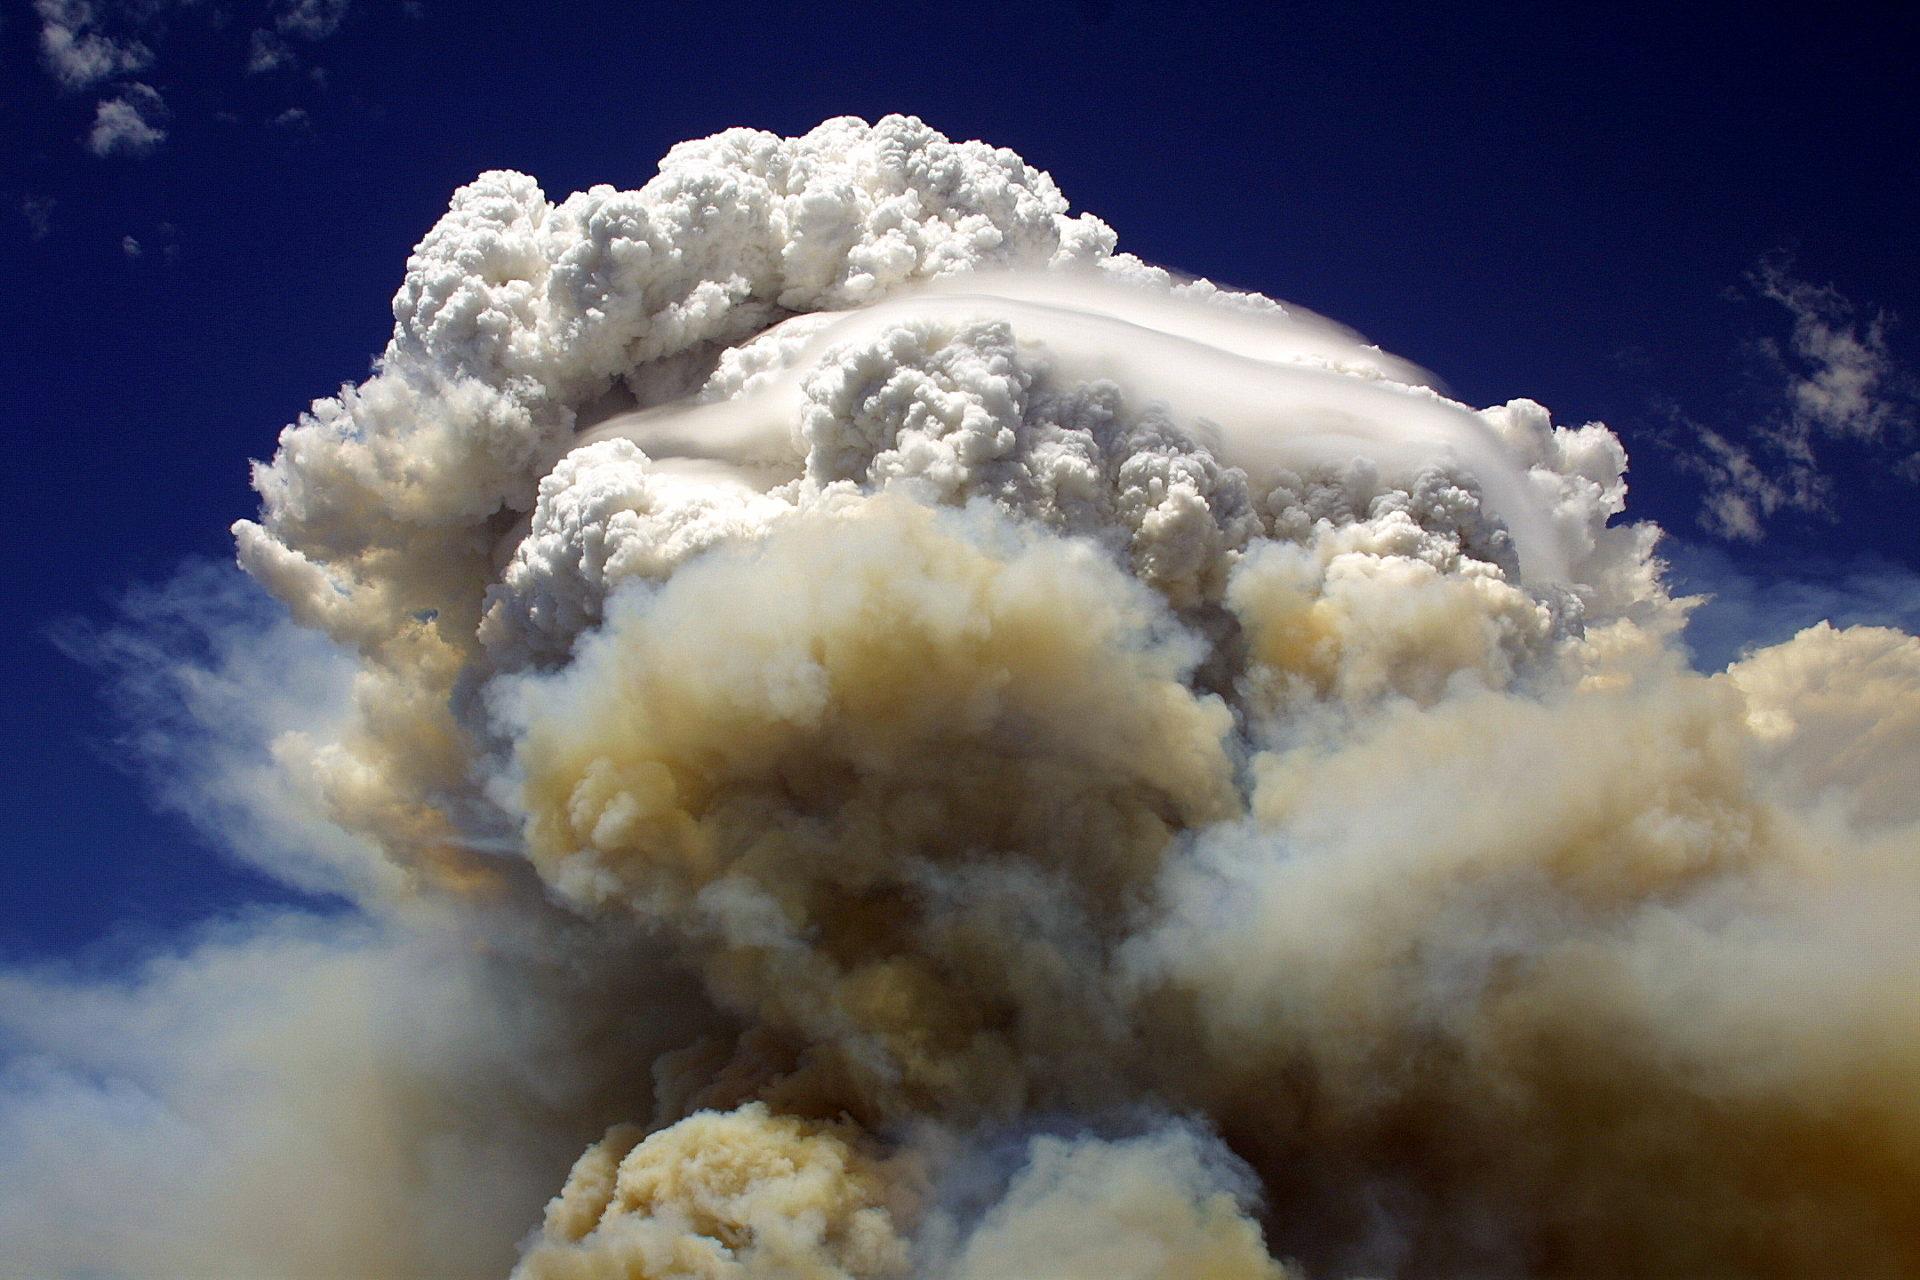 A pyrocumulonimbus cloud